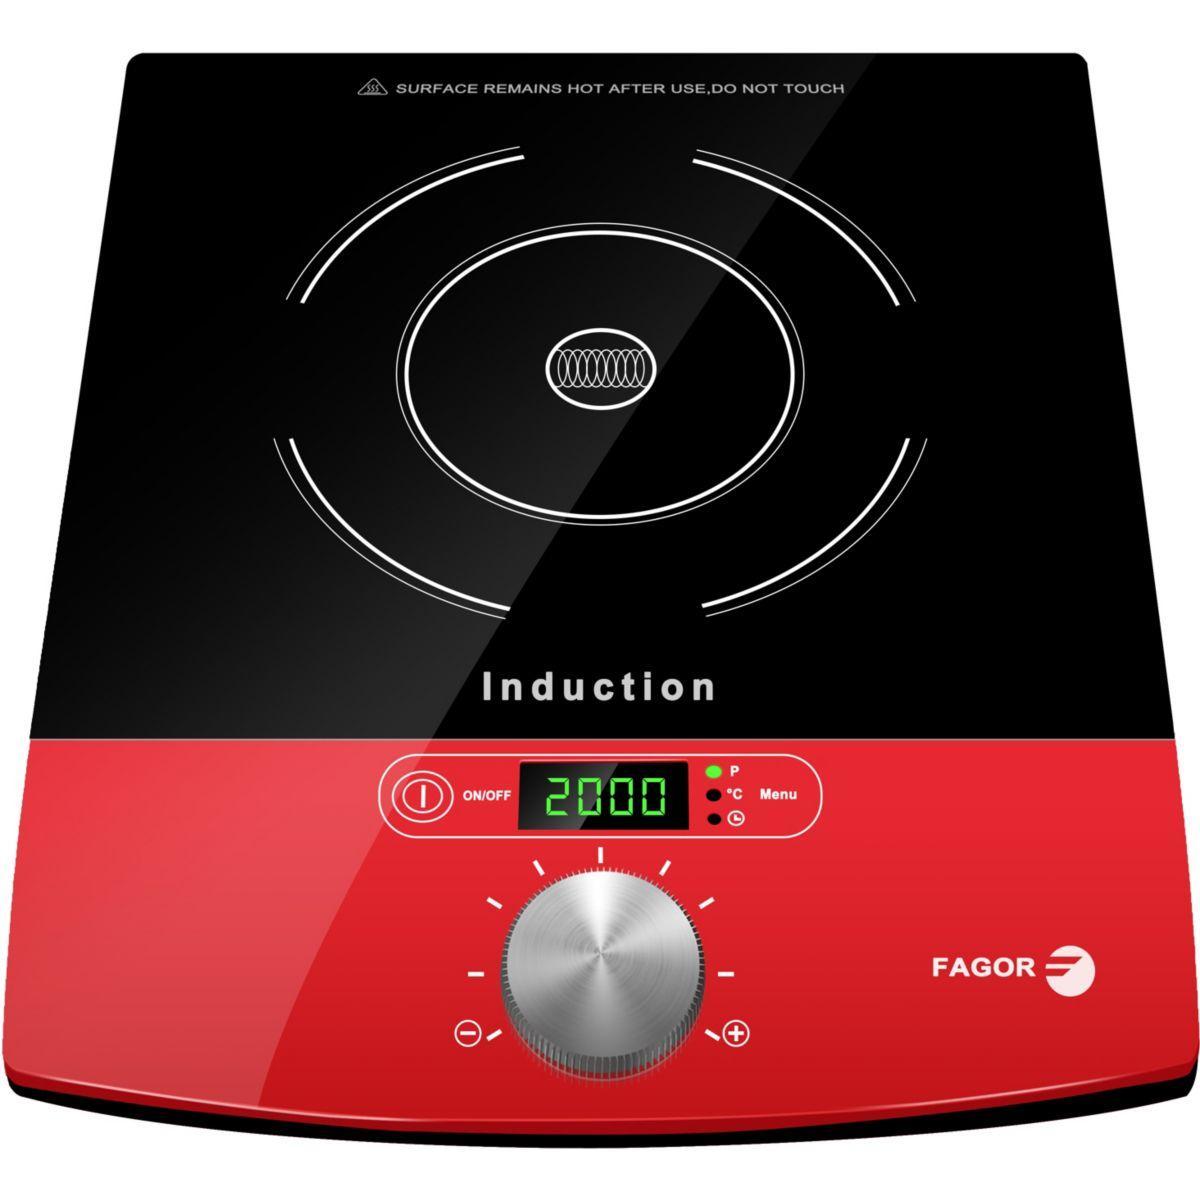 Plaque induction fagor 1831 rouge - 7% de remise imm�diate avec le code : fete7 (photo)